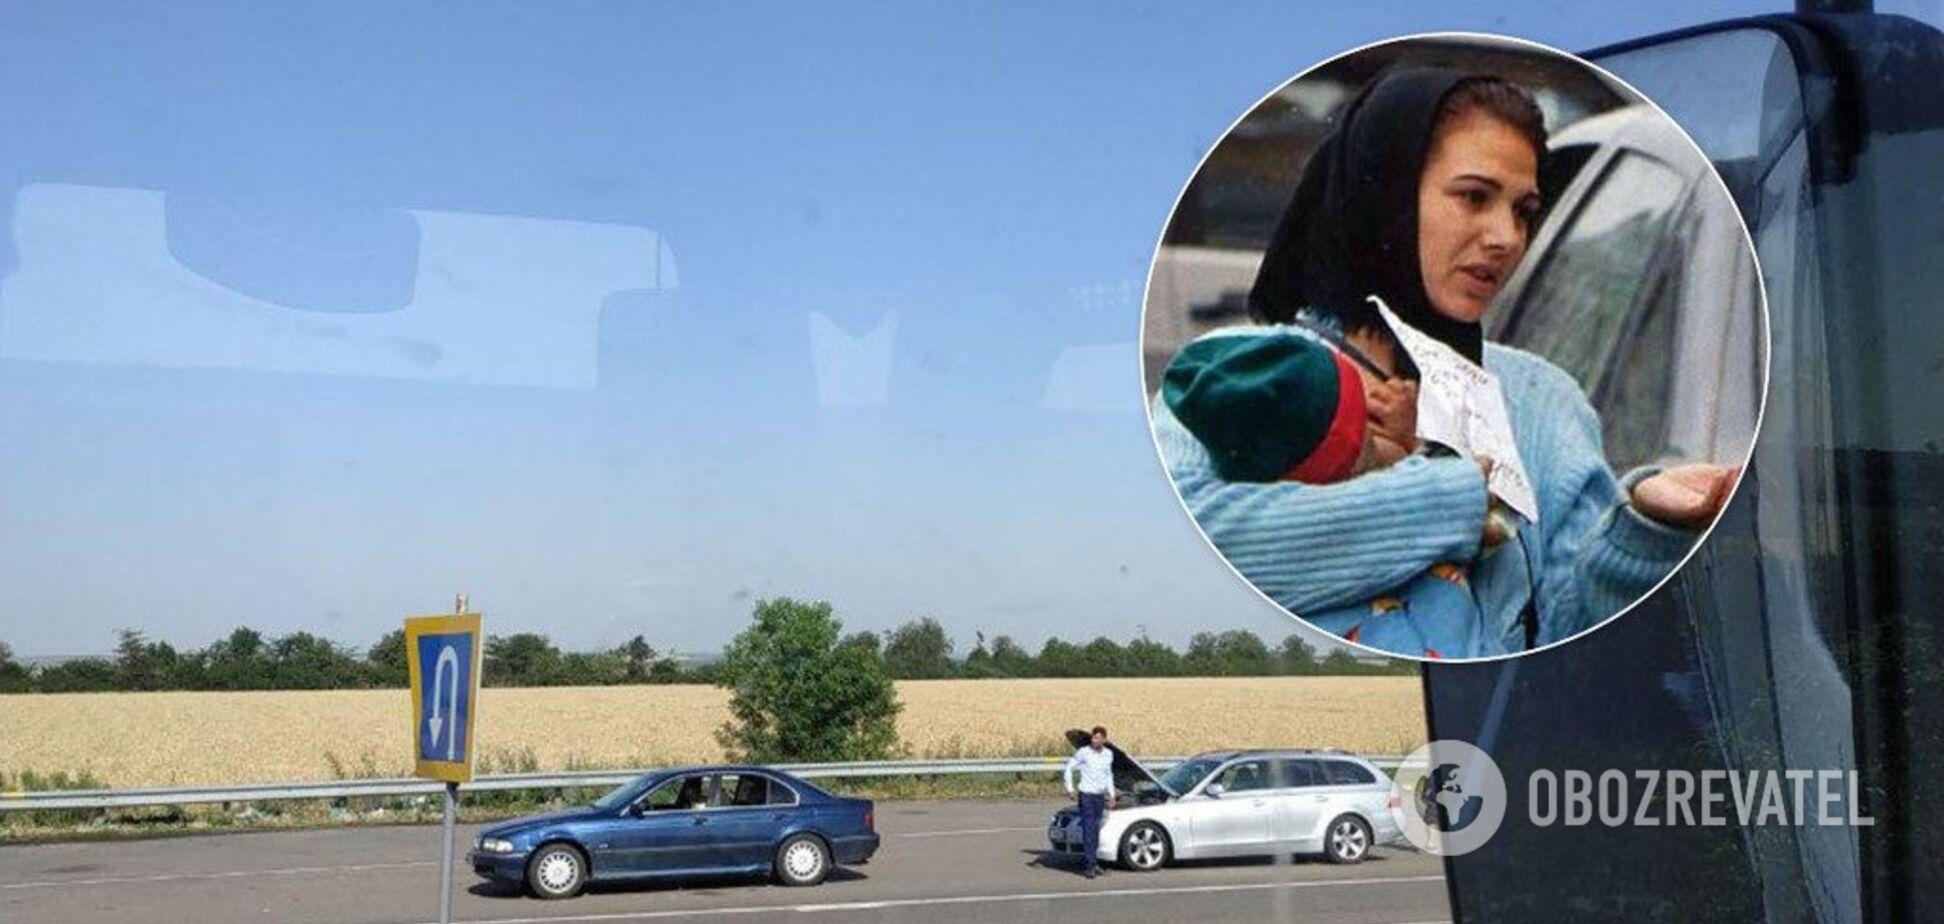 'Сломалось авто': в Украине мошенники придумали новый развод для водителей